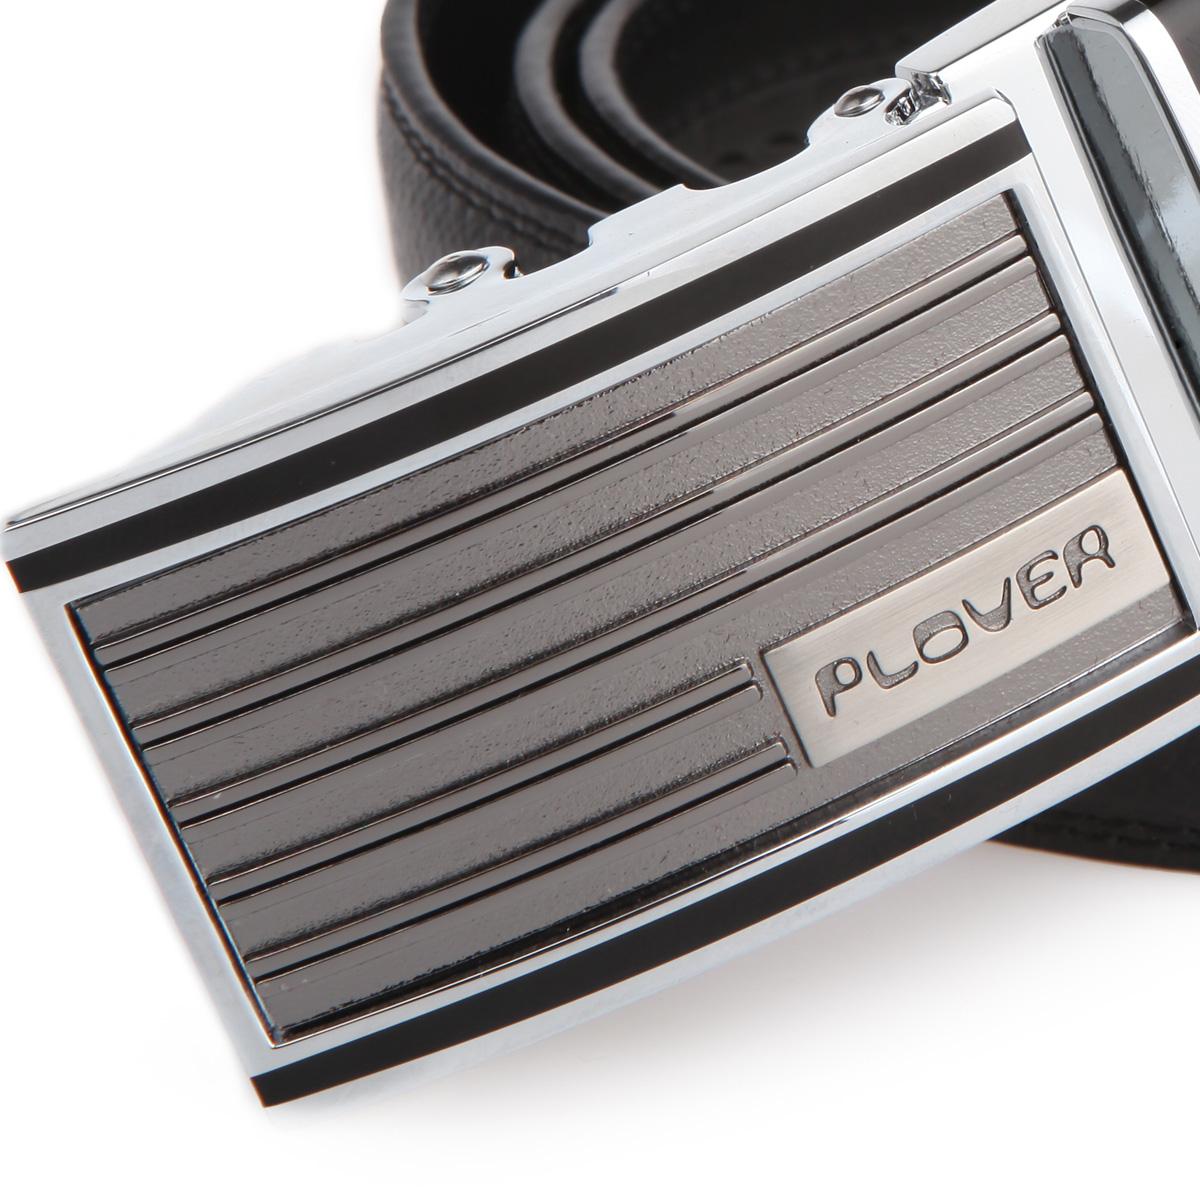 Ремень Plover 31000167/1 Мужчины Кожа быка С тиснением Автоматические пряжки Разный дизайн